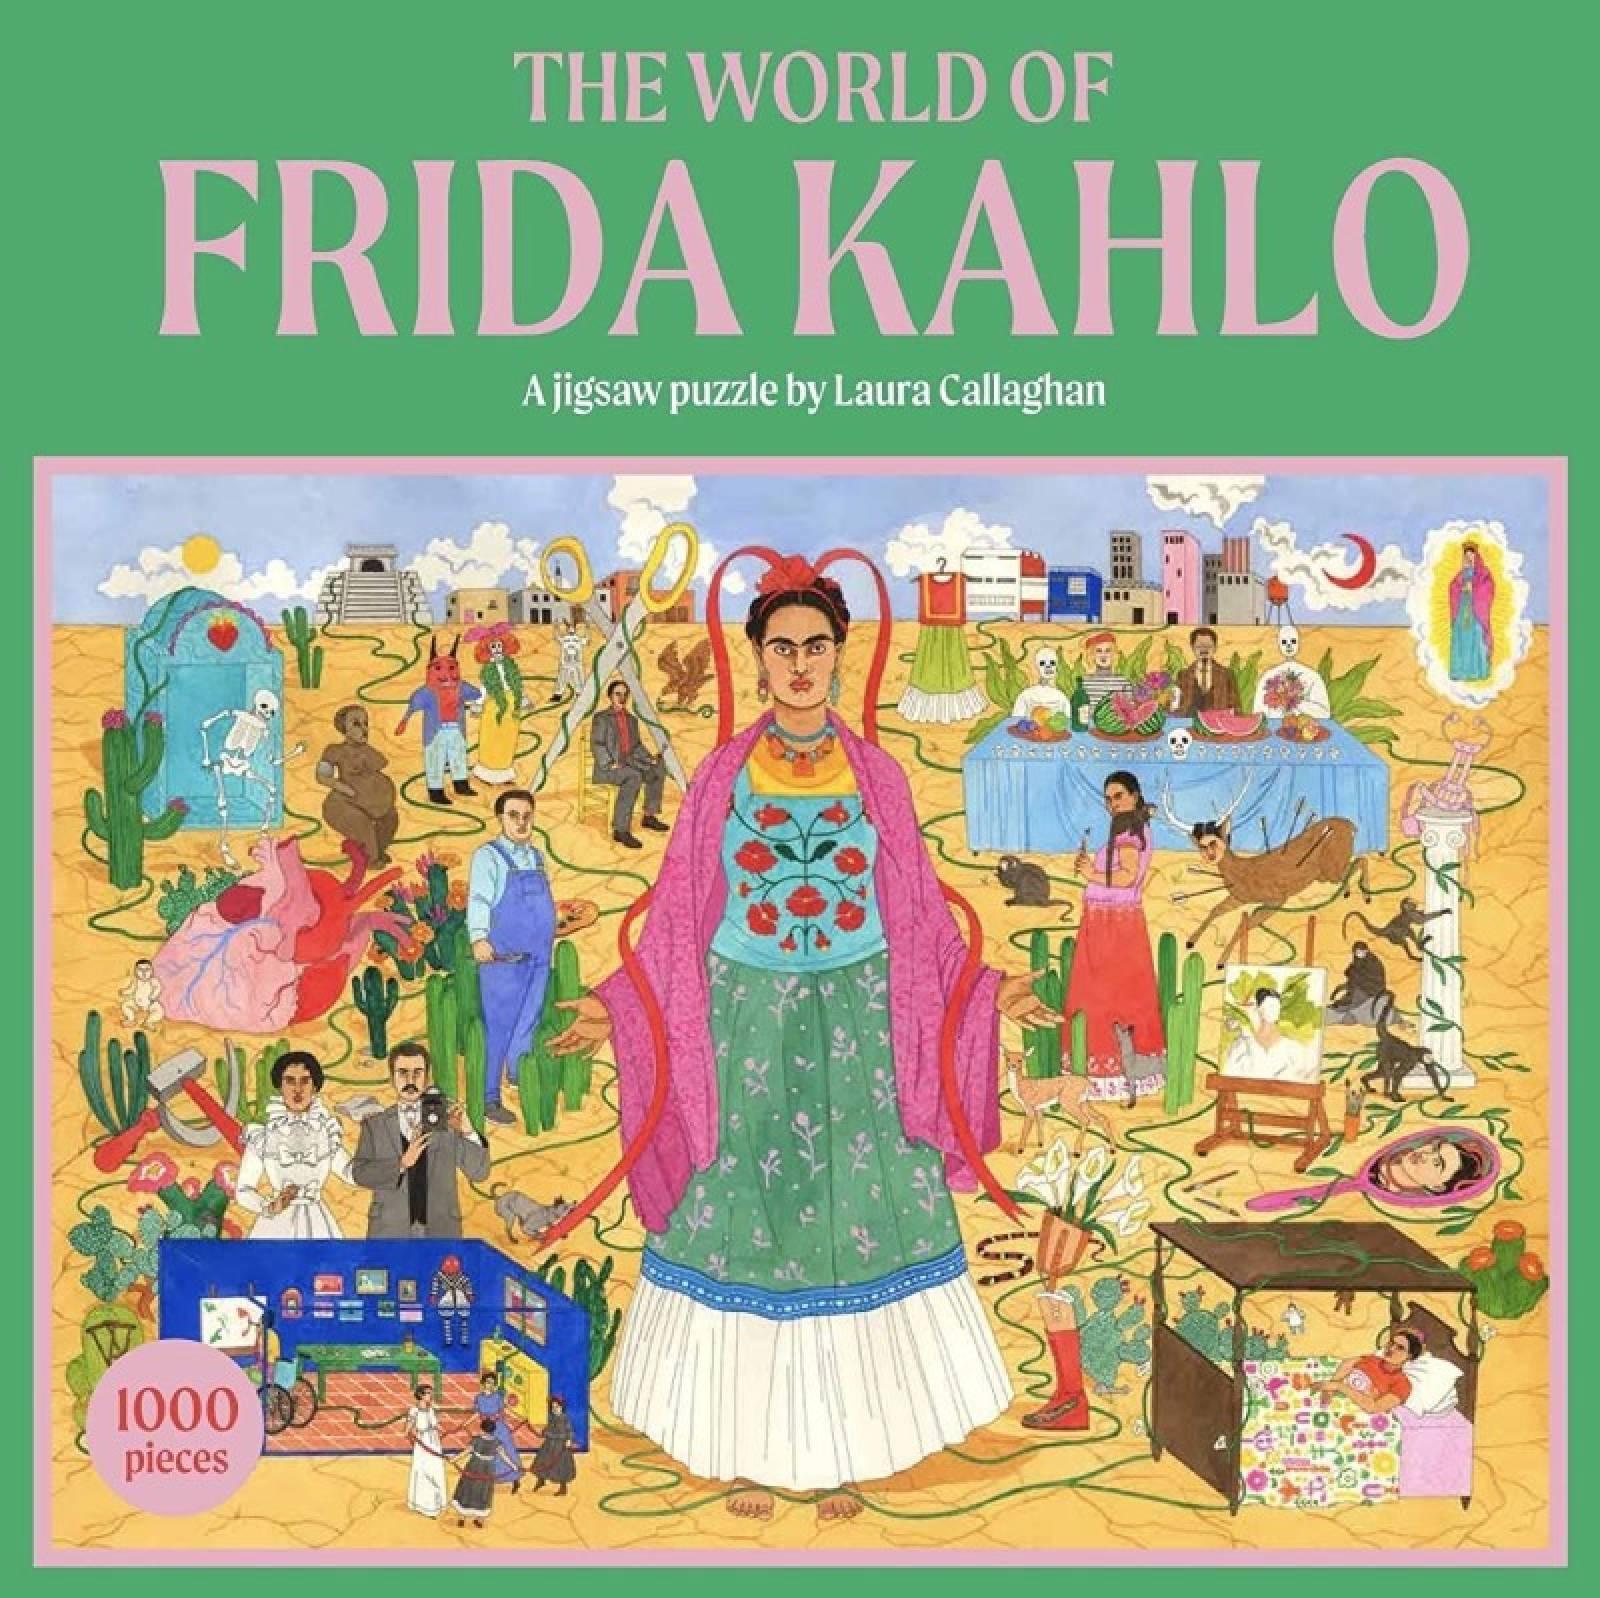 The World Of Frida Kahlo - 1000 Piece Jigsaw Puzzle